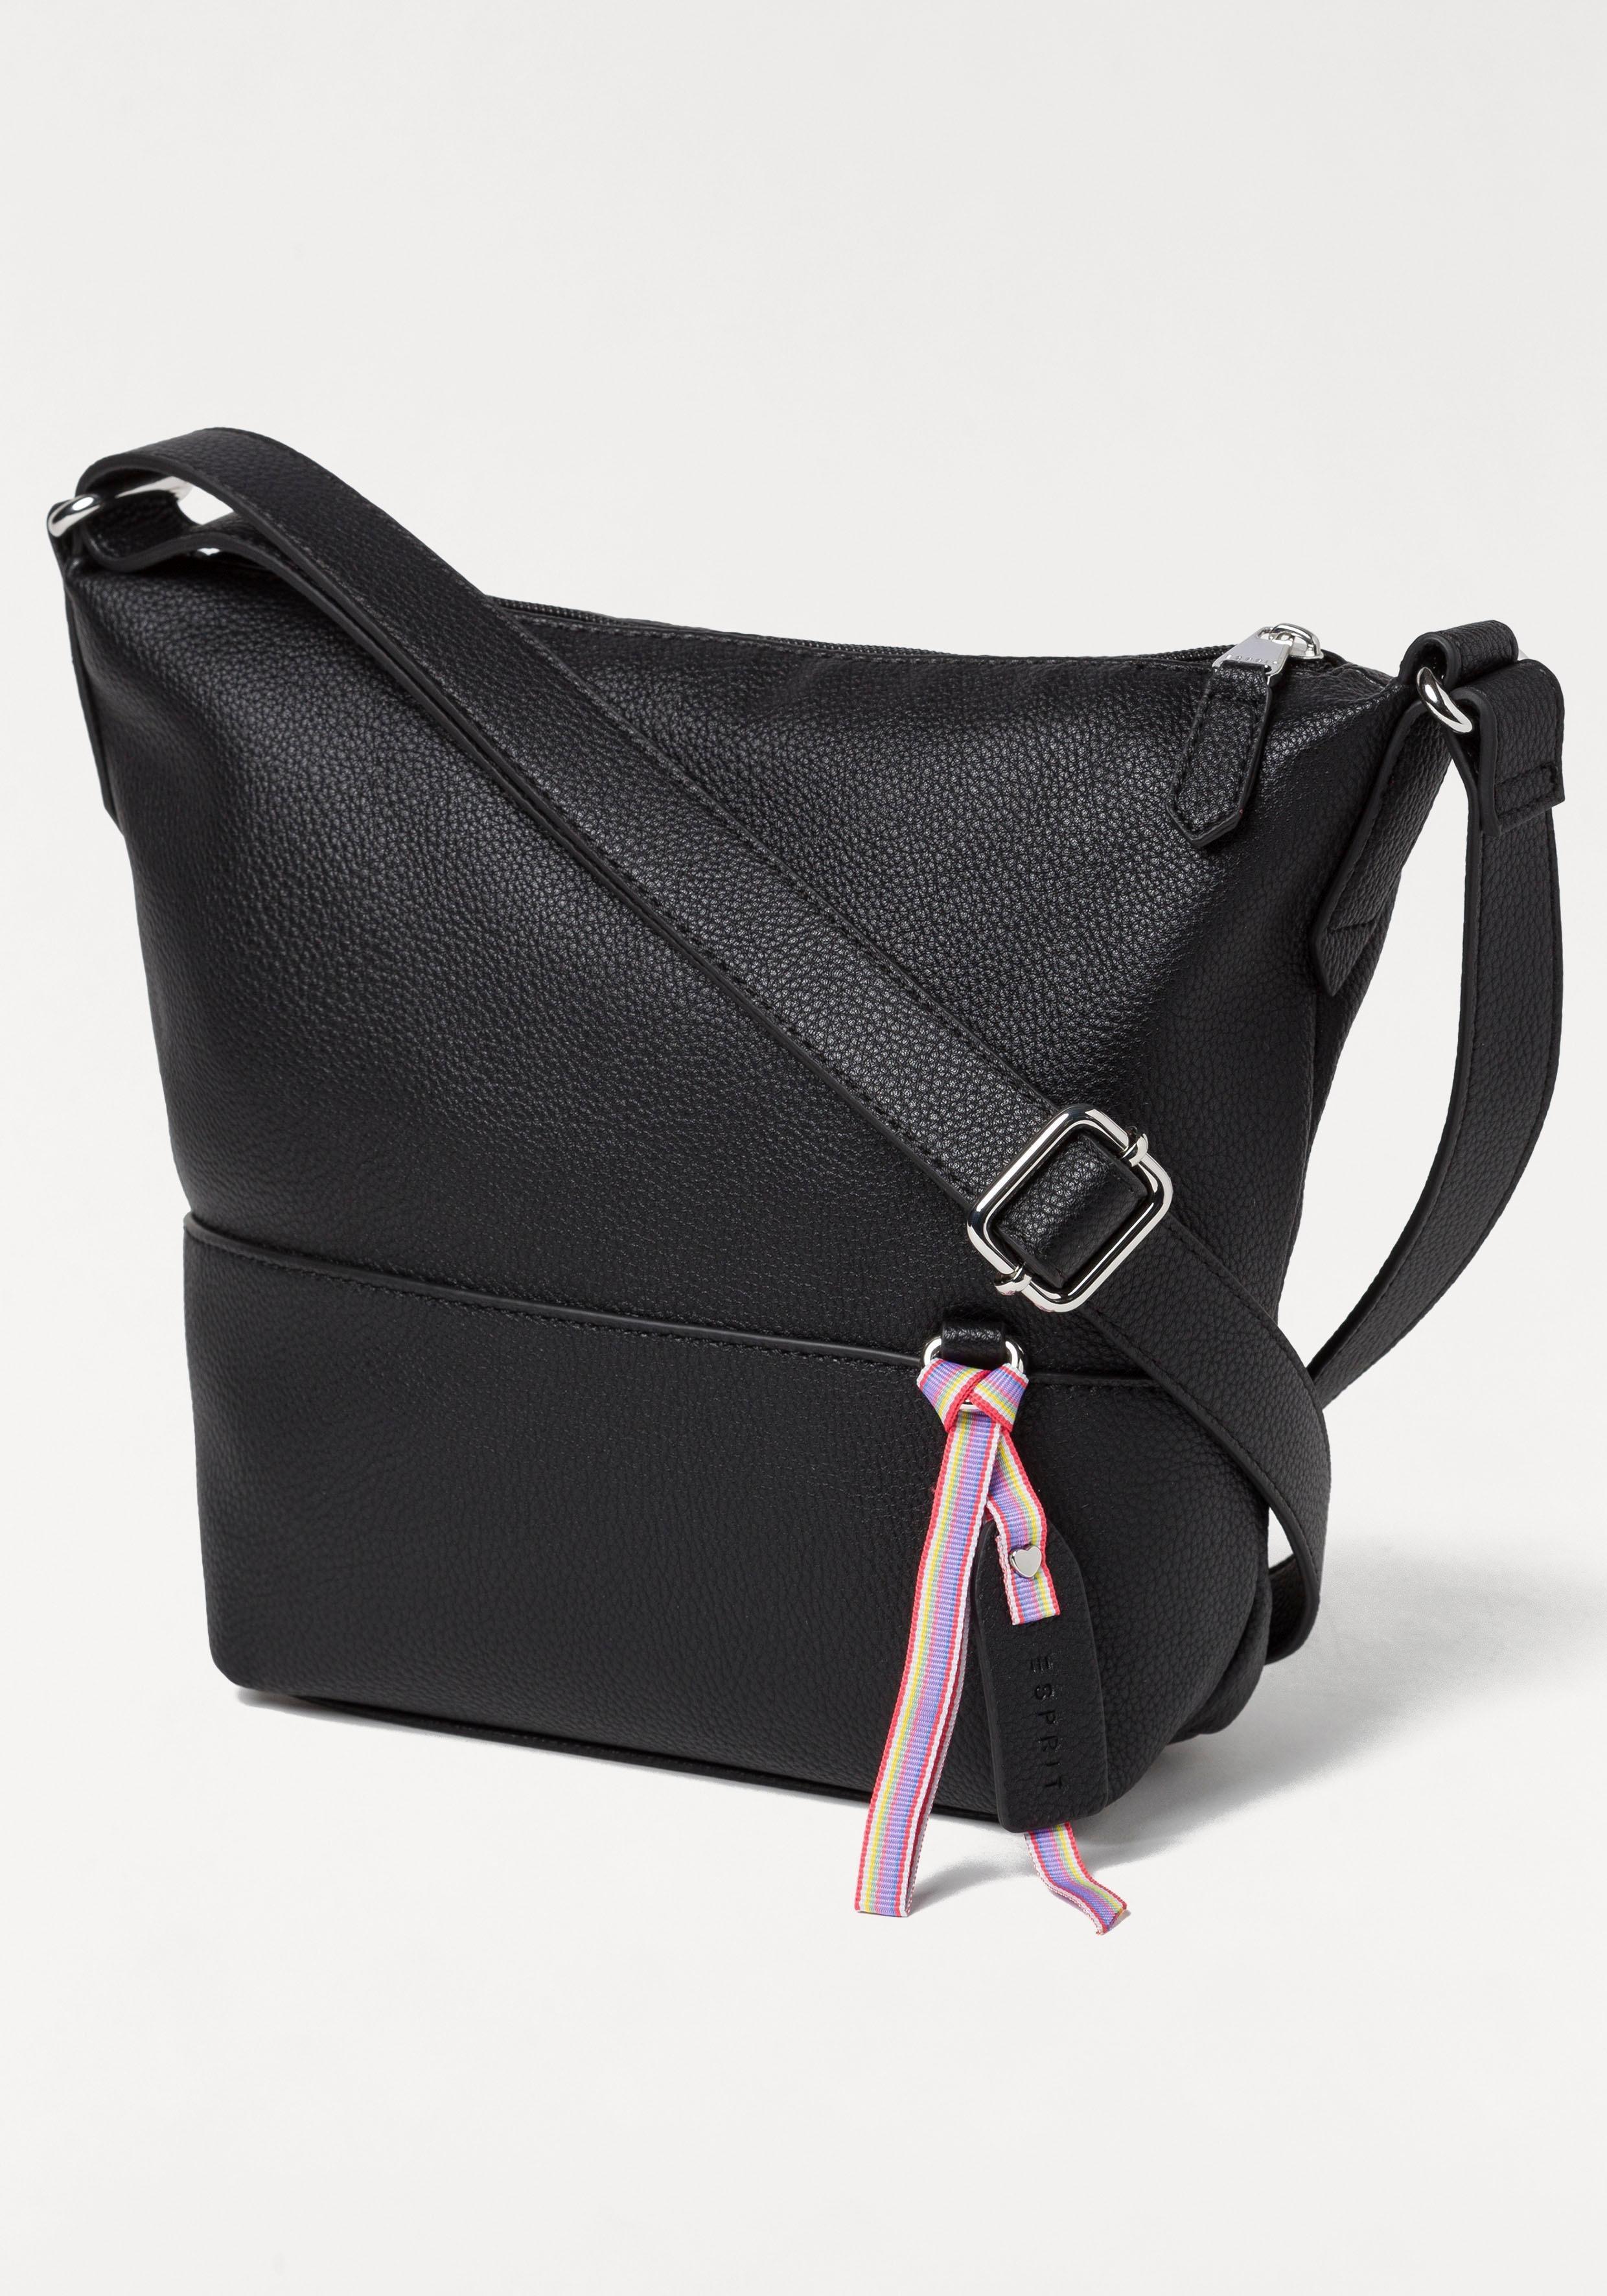 Esprit Umhängetasche, mit verstellbarem Riemen | Taschen > Umhängetaschen | Esprit